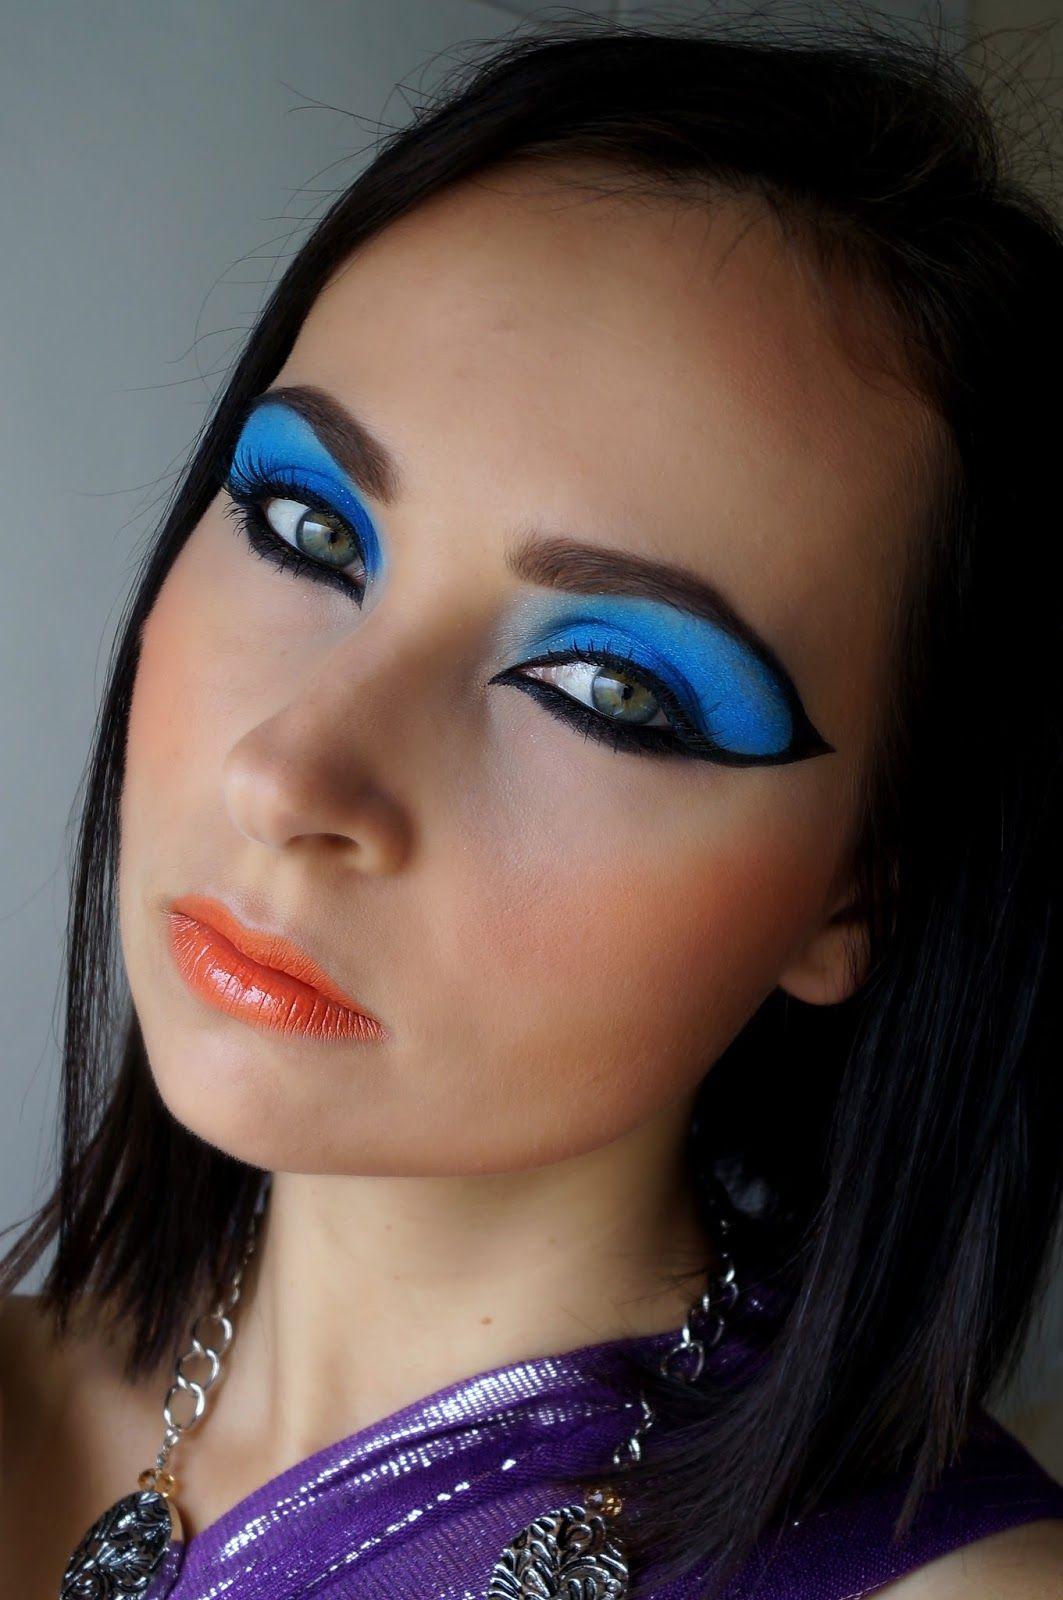 Makeup Cleopatra Cleopatra makeup, Makeup, Makeup geek